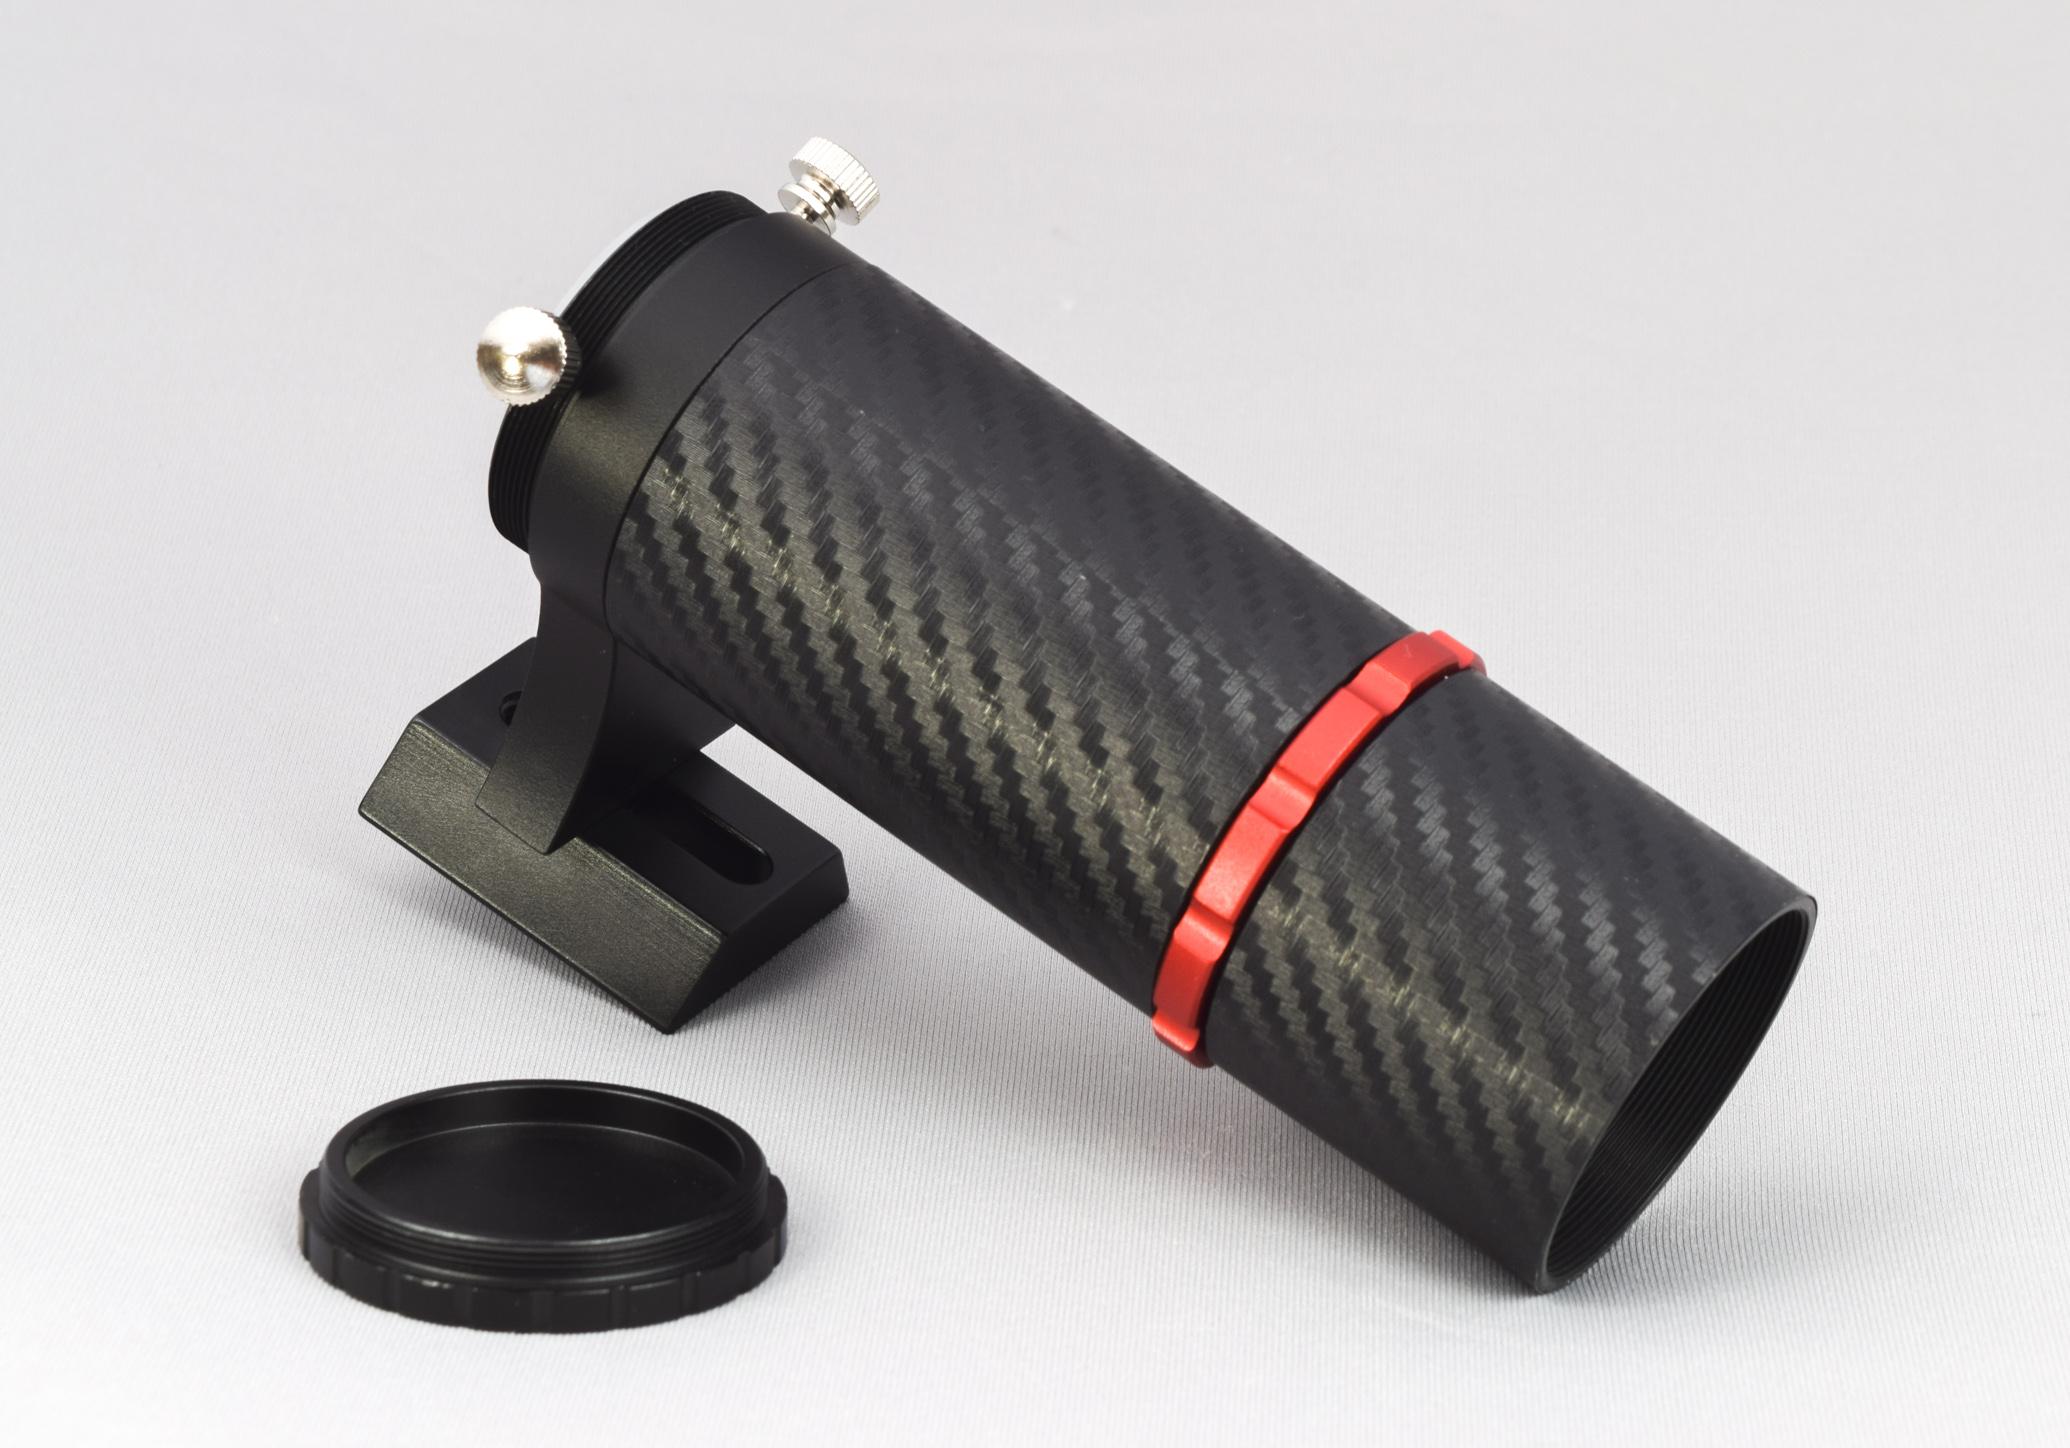 ショップオリジナル 32mm F4 ガイドスコープ